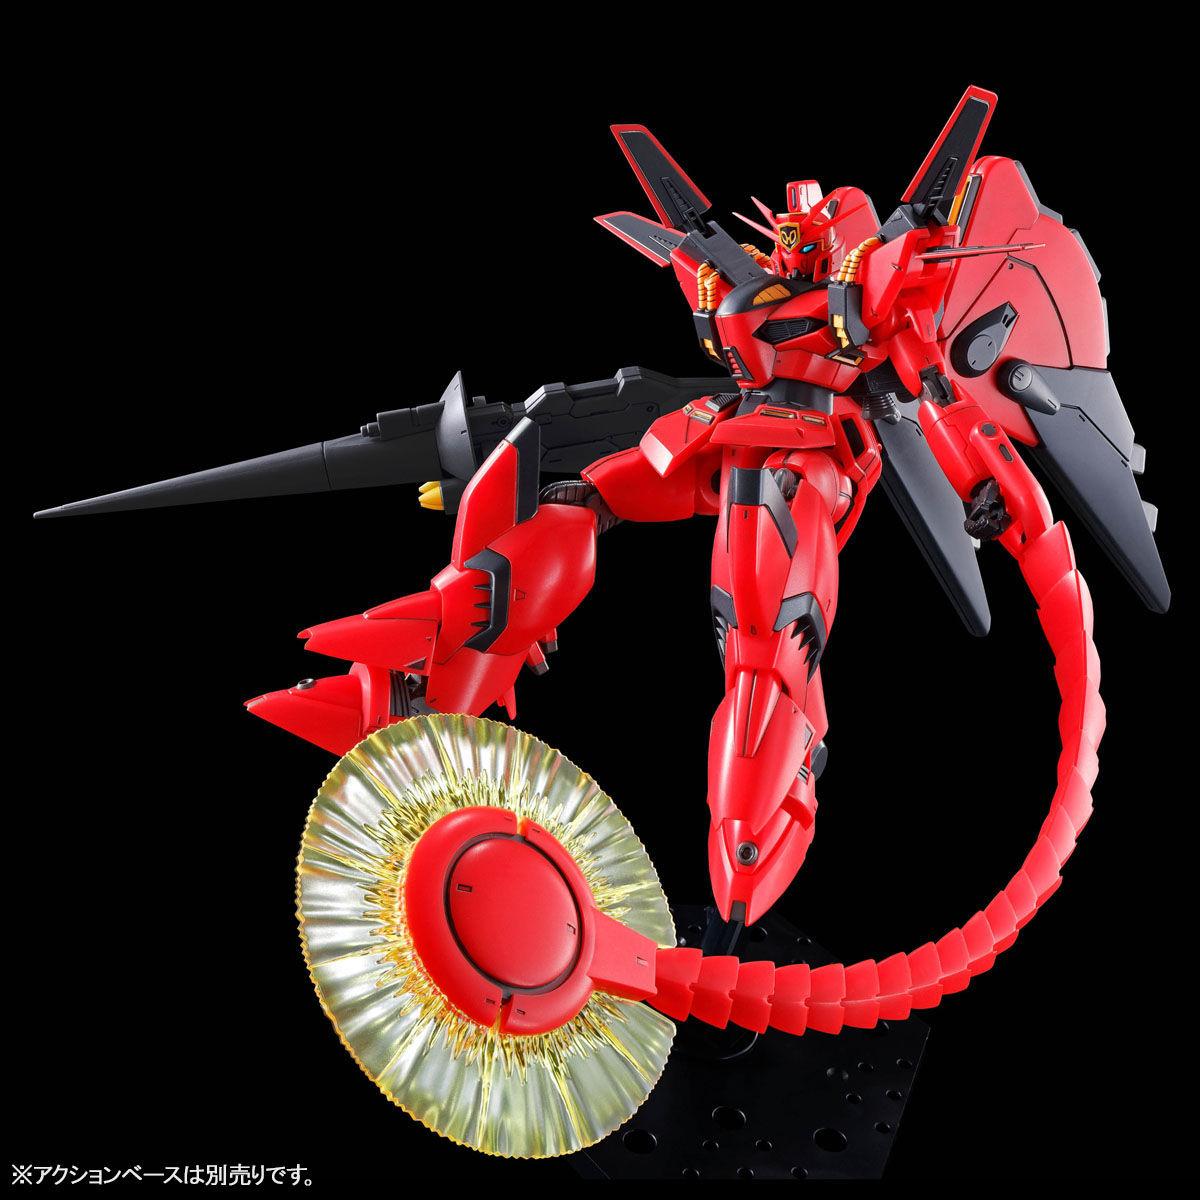 【限定販売】RE/100『ビギナ・ギナII(木星決戦仕様)』1/100 プラモデル-009